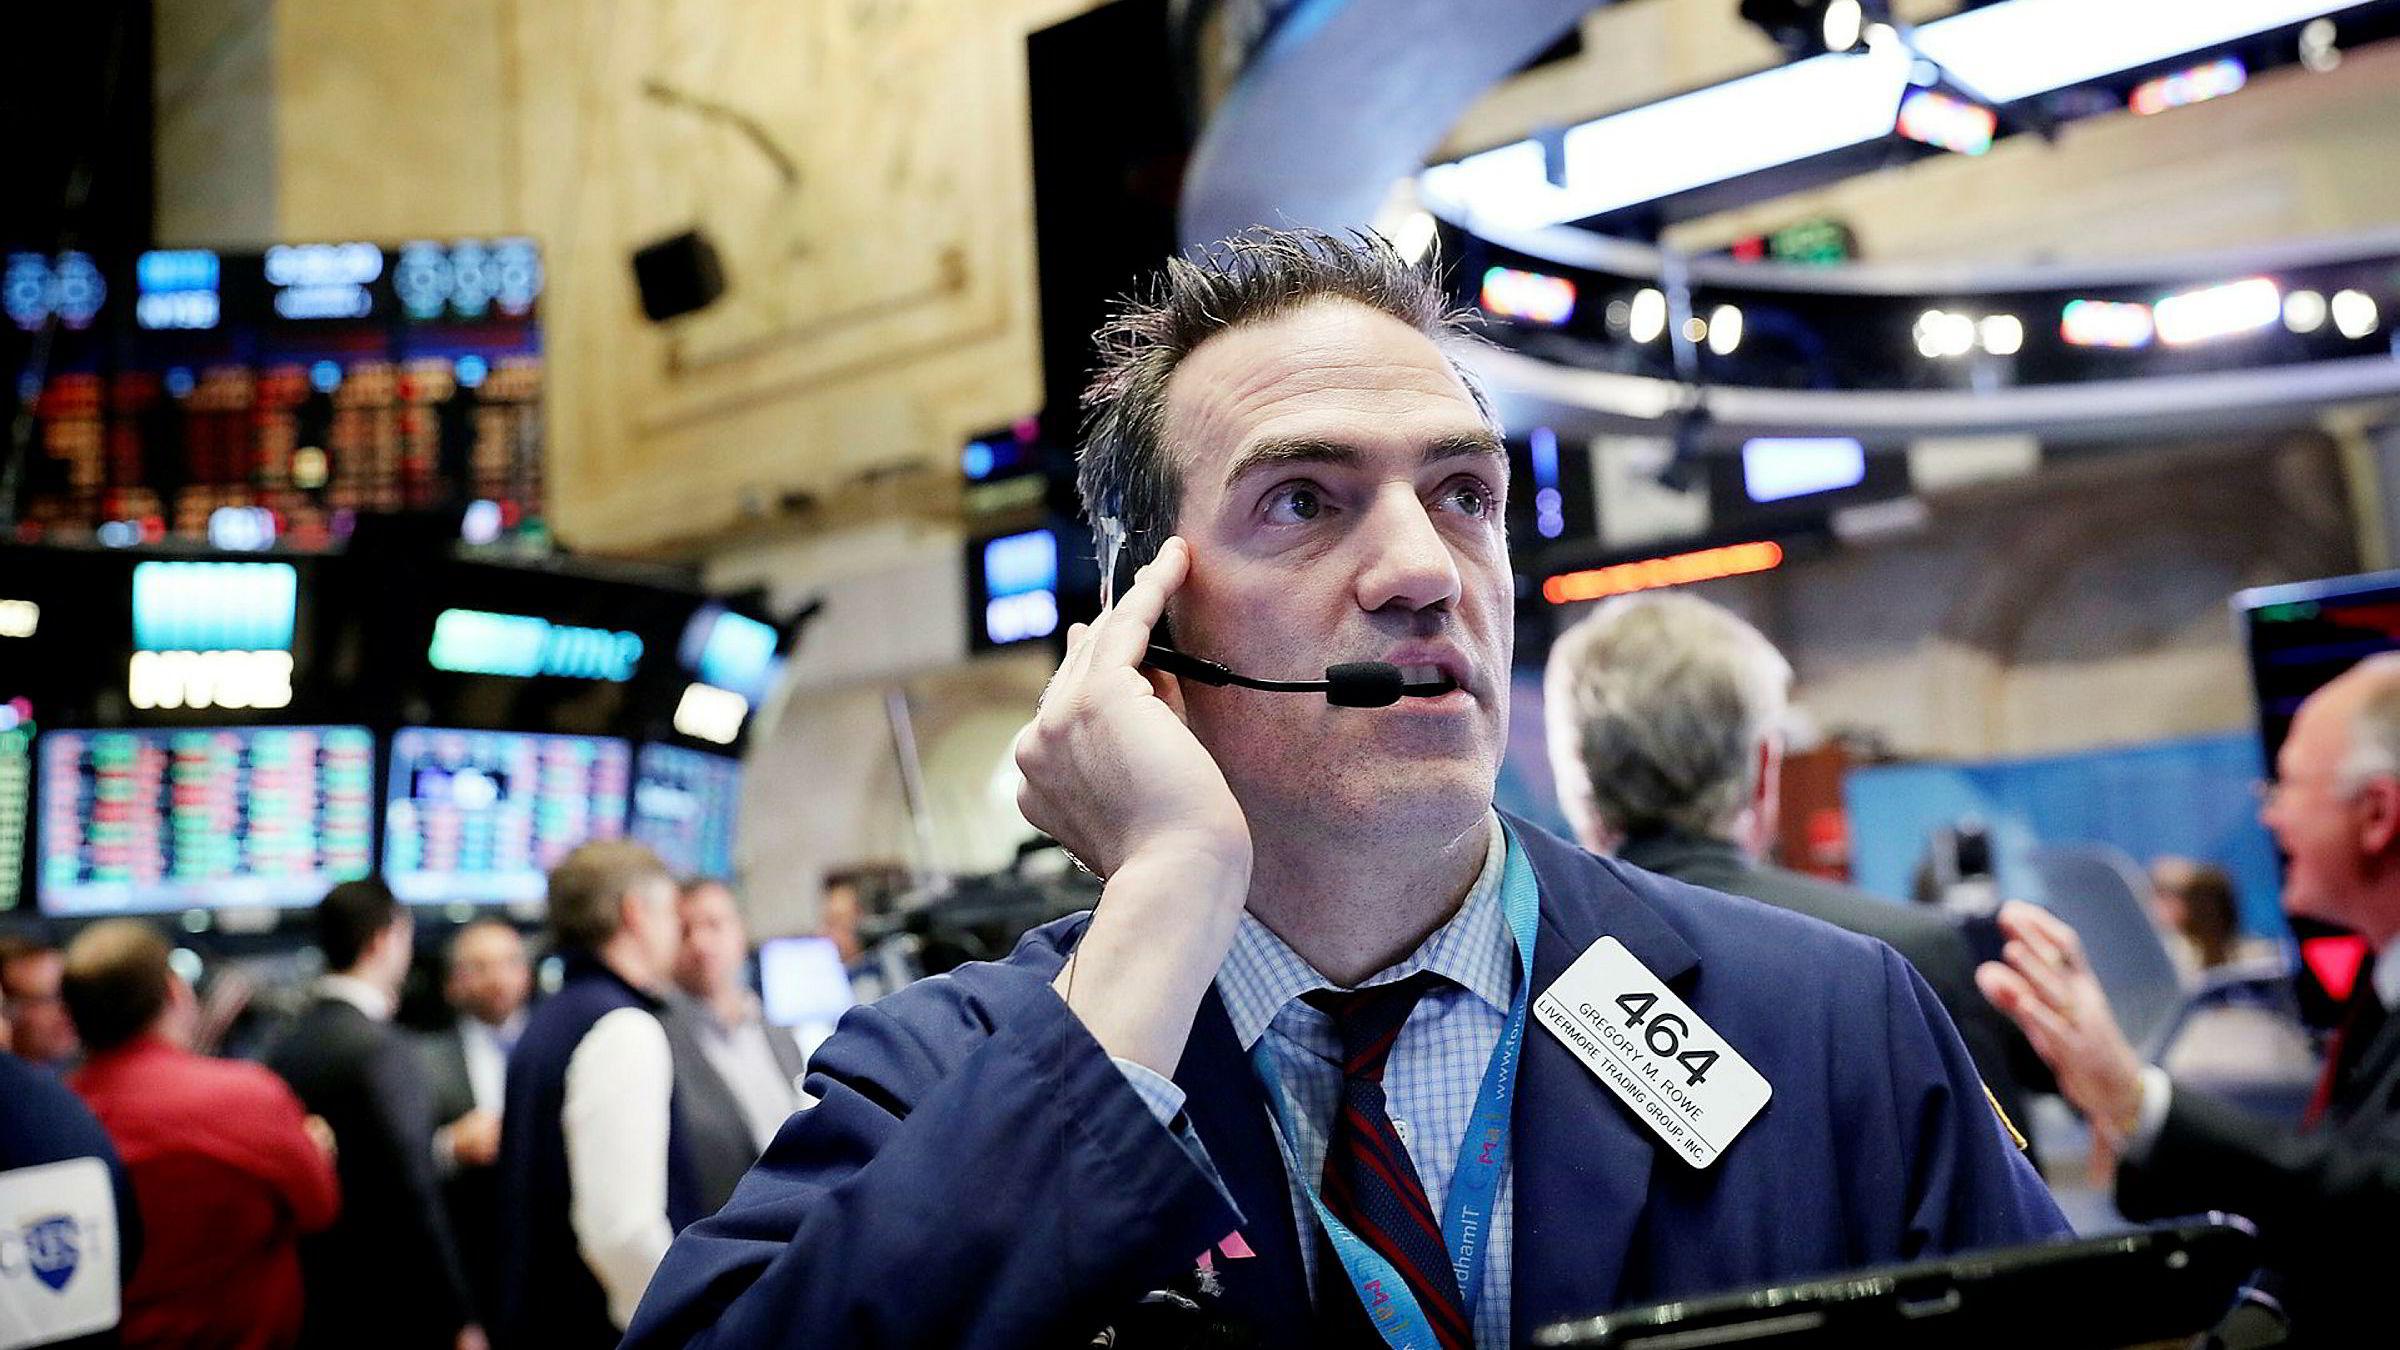 Norske fond har lagt bak seg et godt år, viser ny statistikk. Opptur på verdens børser, som her på Wall Street, lokket mange kunder til å kjøpe aksjefond.